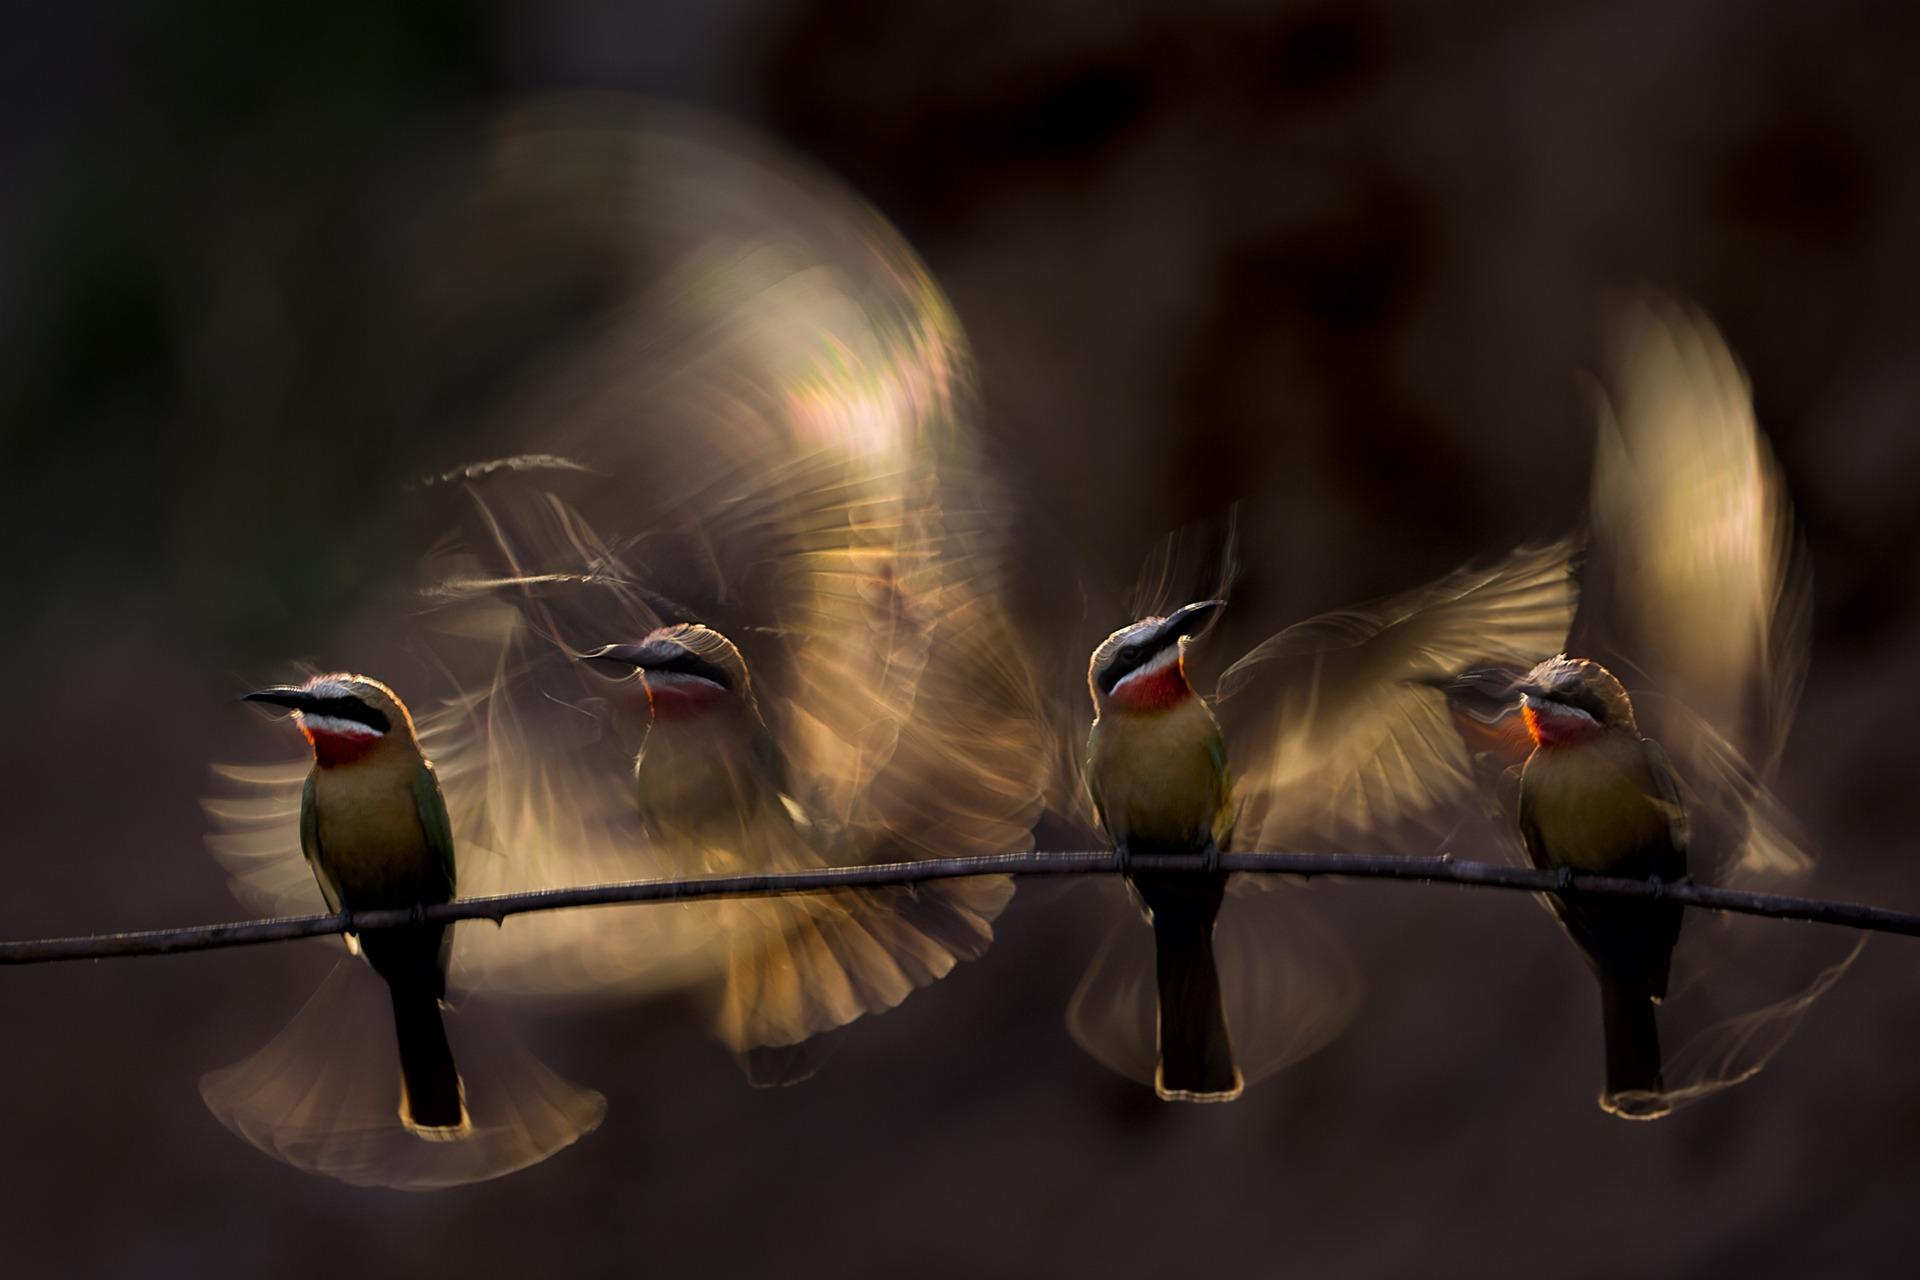 Bence Mate (HU) | Wings